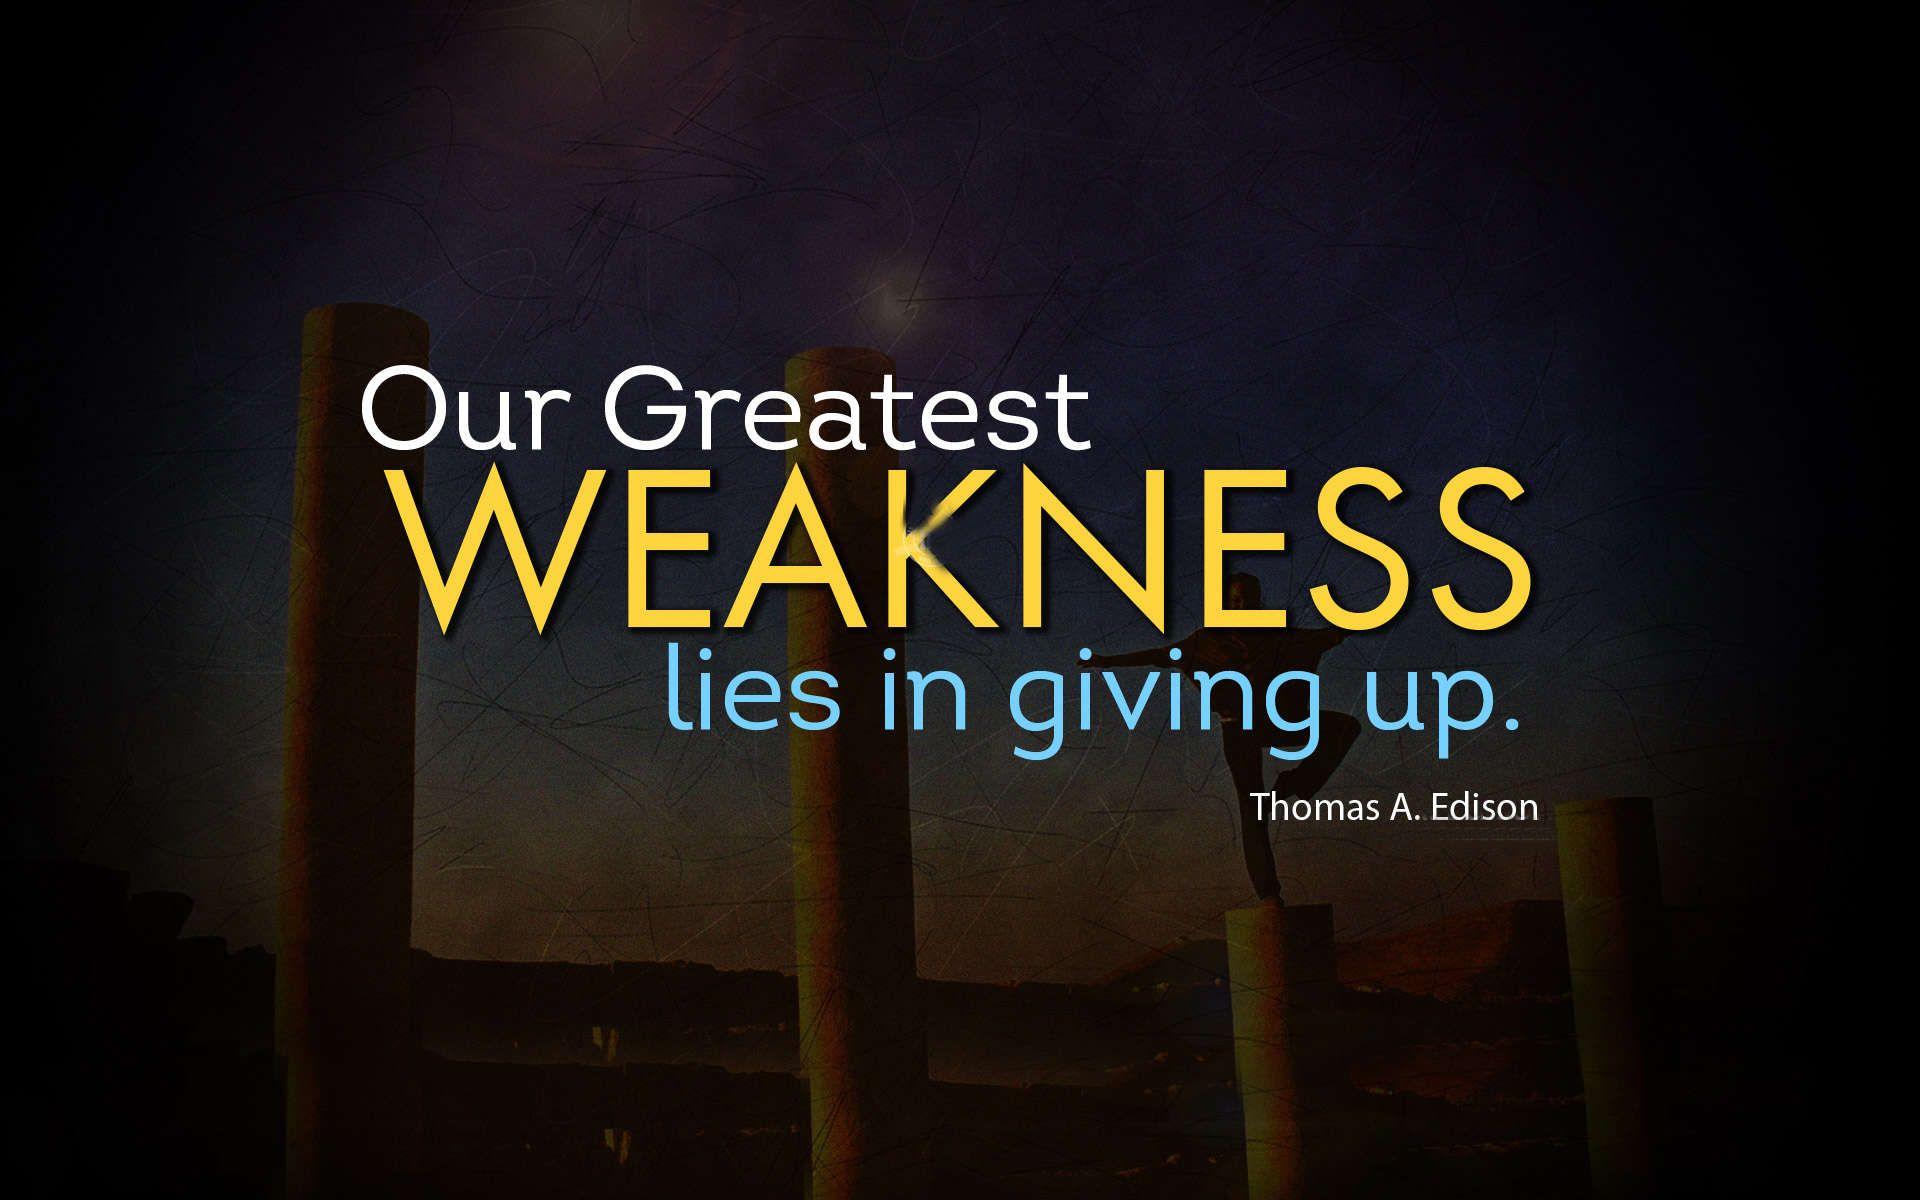 Hd wallpaper motivational - High Resolution Wallpaper Inspirational Quote Http Hdwallpaper Info High